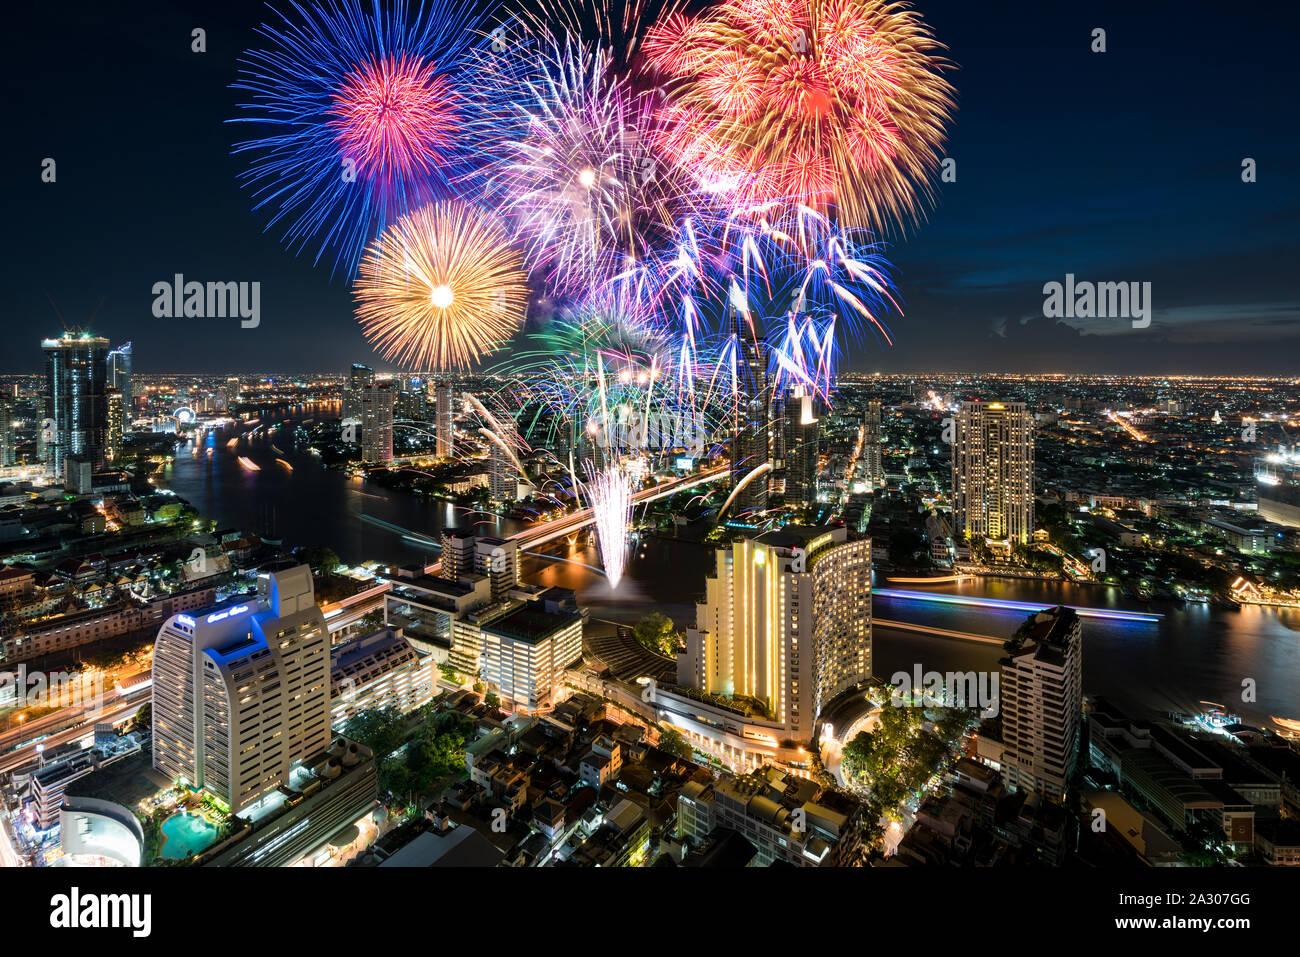 Belle célébration fireworks festival de Loy Krathong ou Nouvel An le long de la rivière Chao Phraya à Bangkok, Thaïlande Banque D'Images